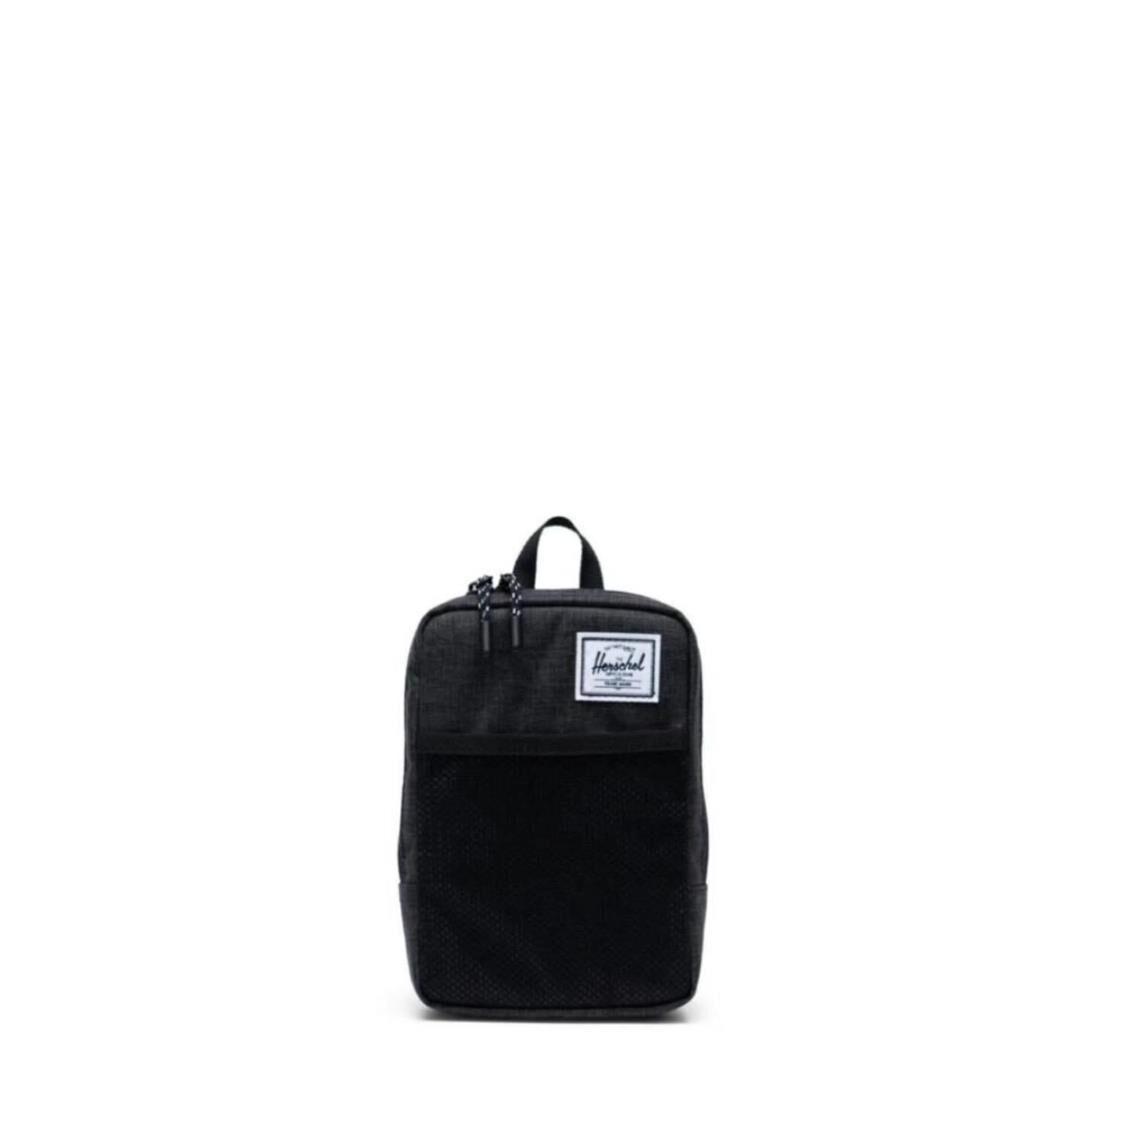 Herschel Sinclair Large Black Crosshatch Backpack 10567-02090-OS